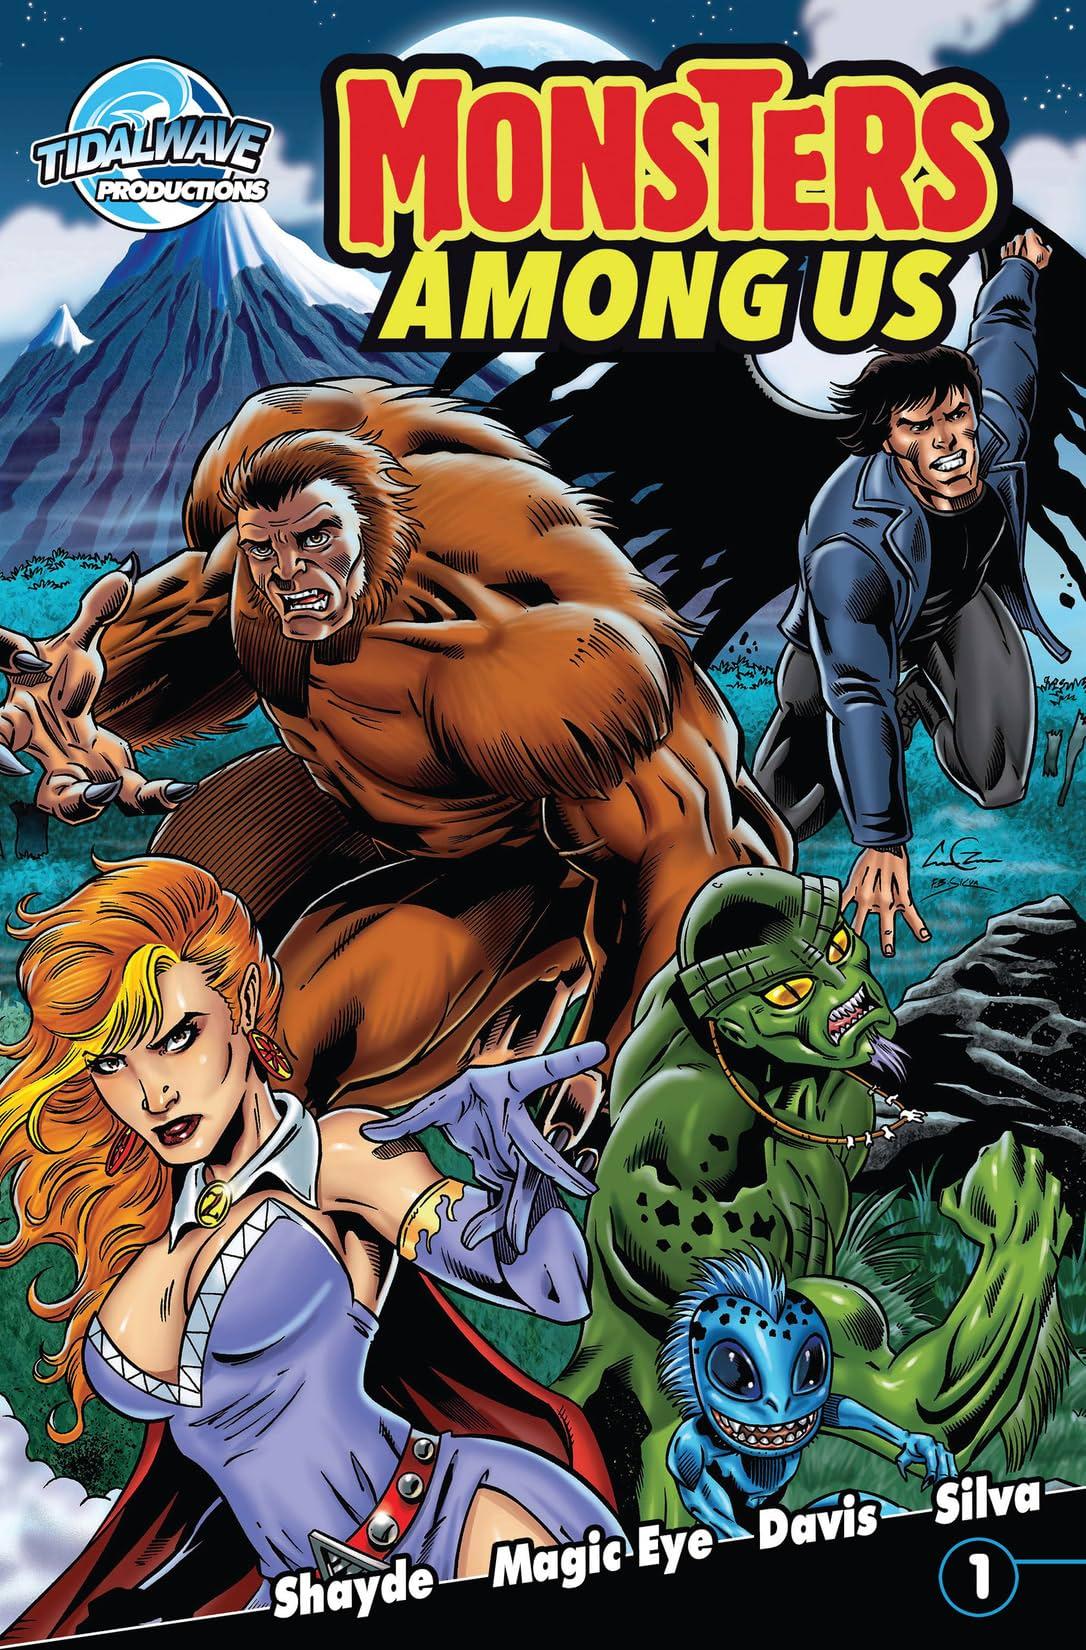 Monsters Among Us #1